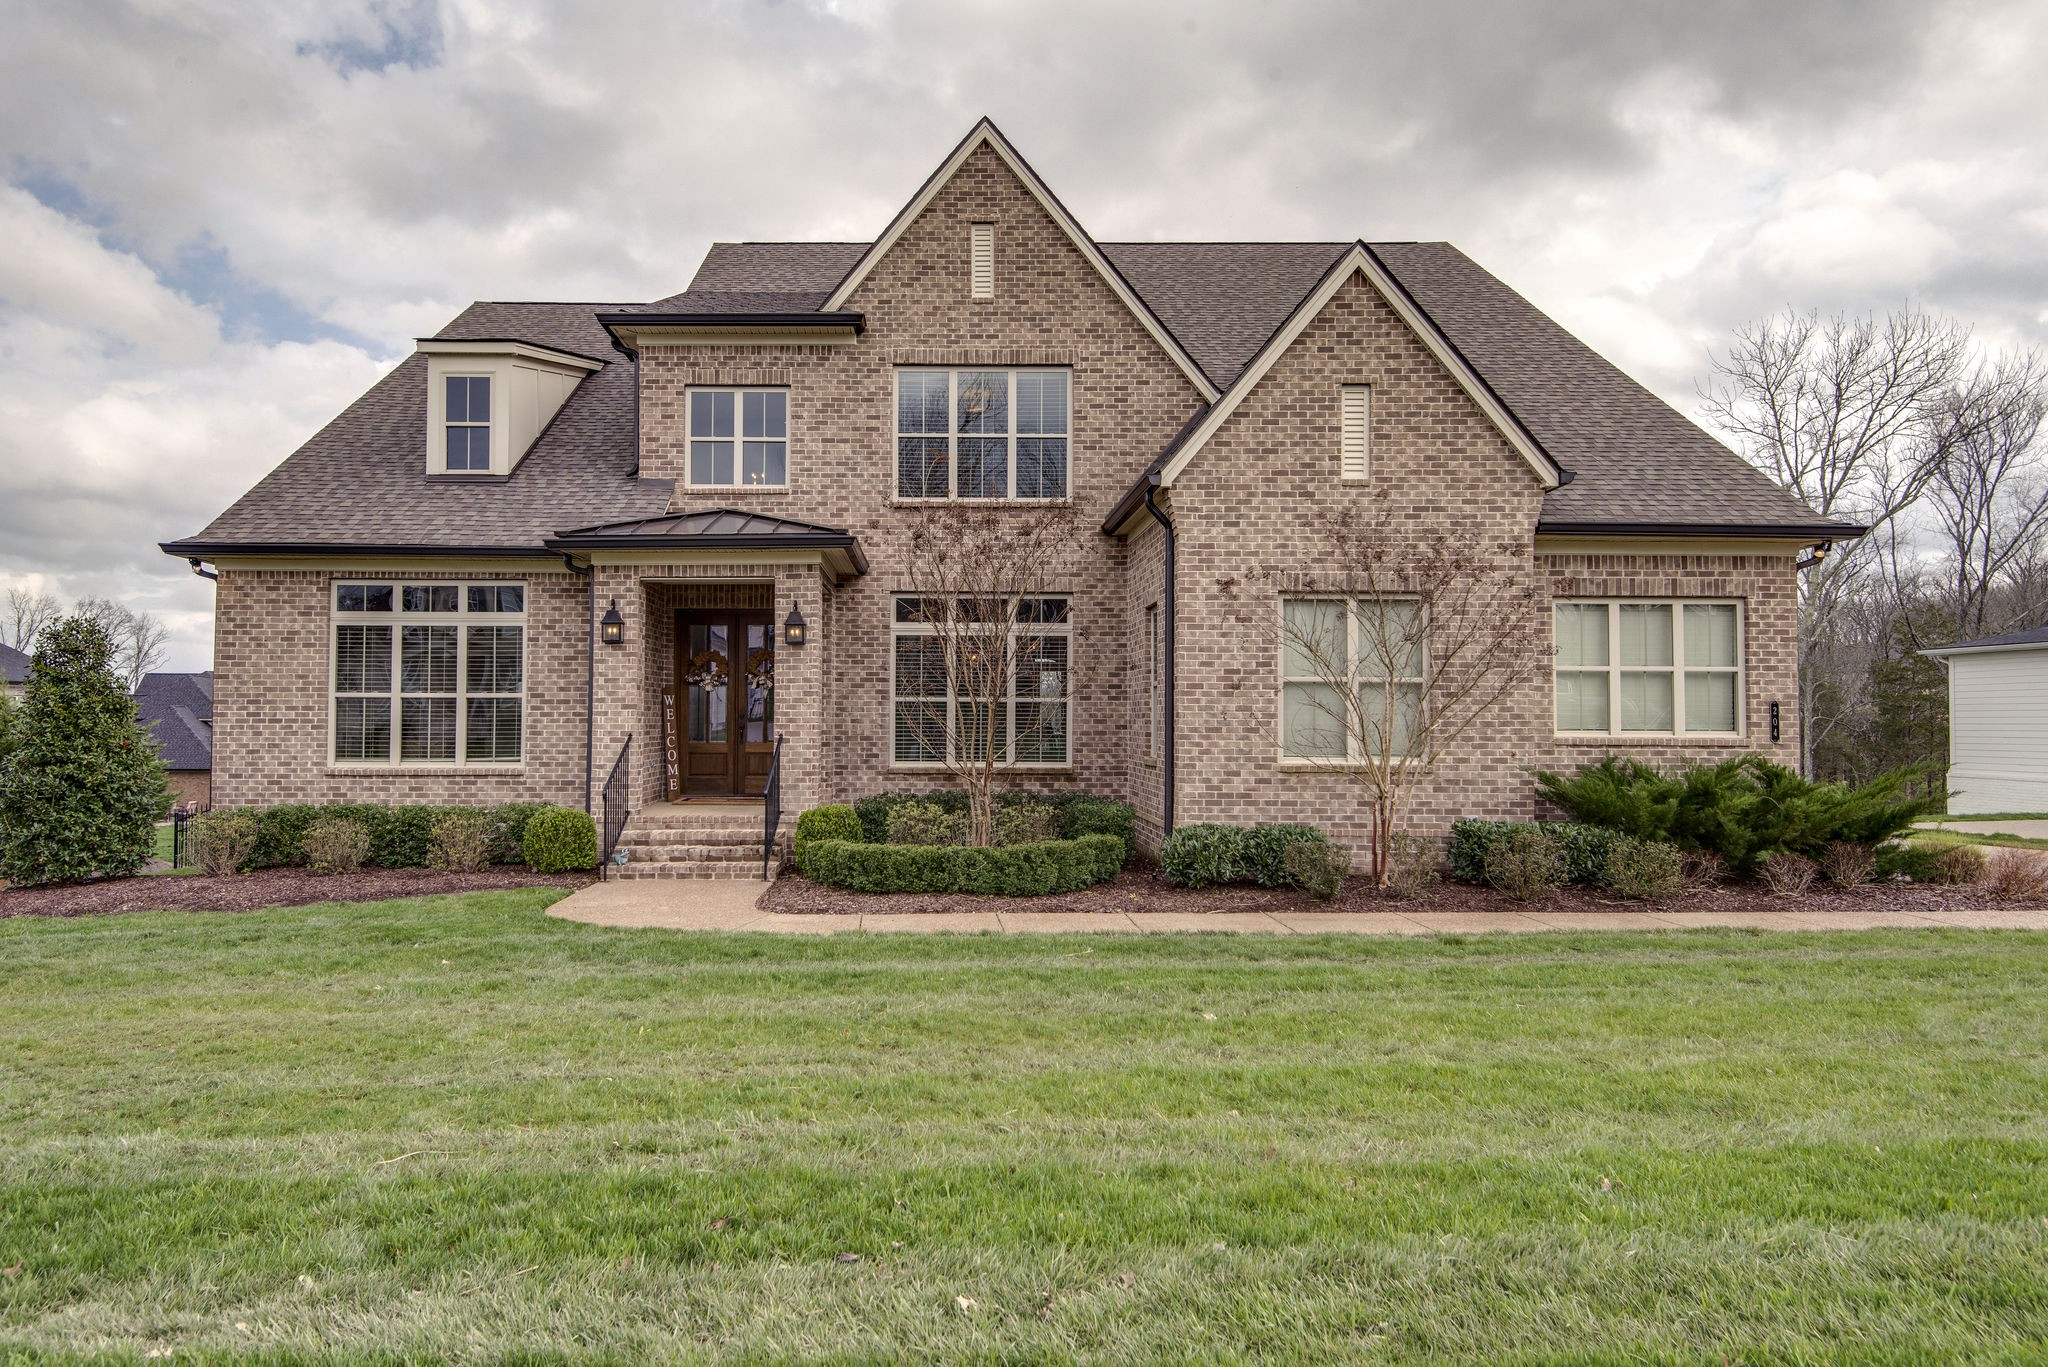 204 Belgian Rd, Nolensville, TN 37135 - Nolensville, TN real estate listing